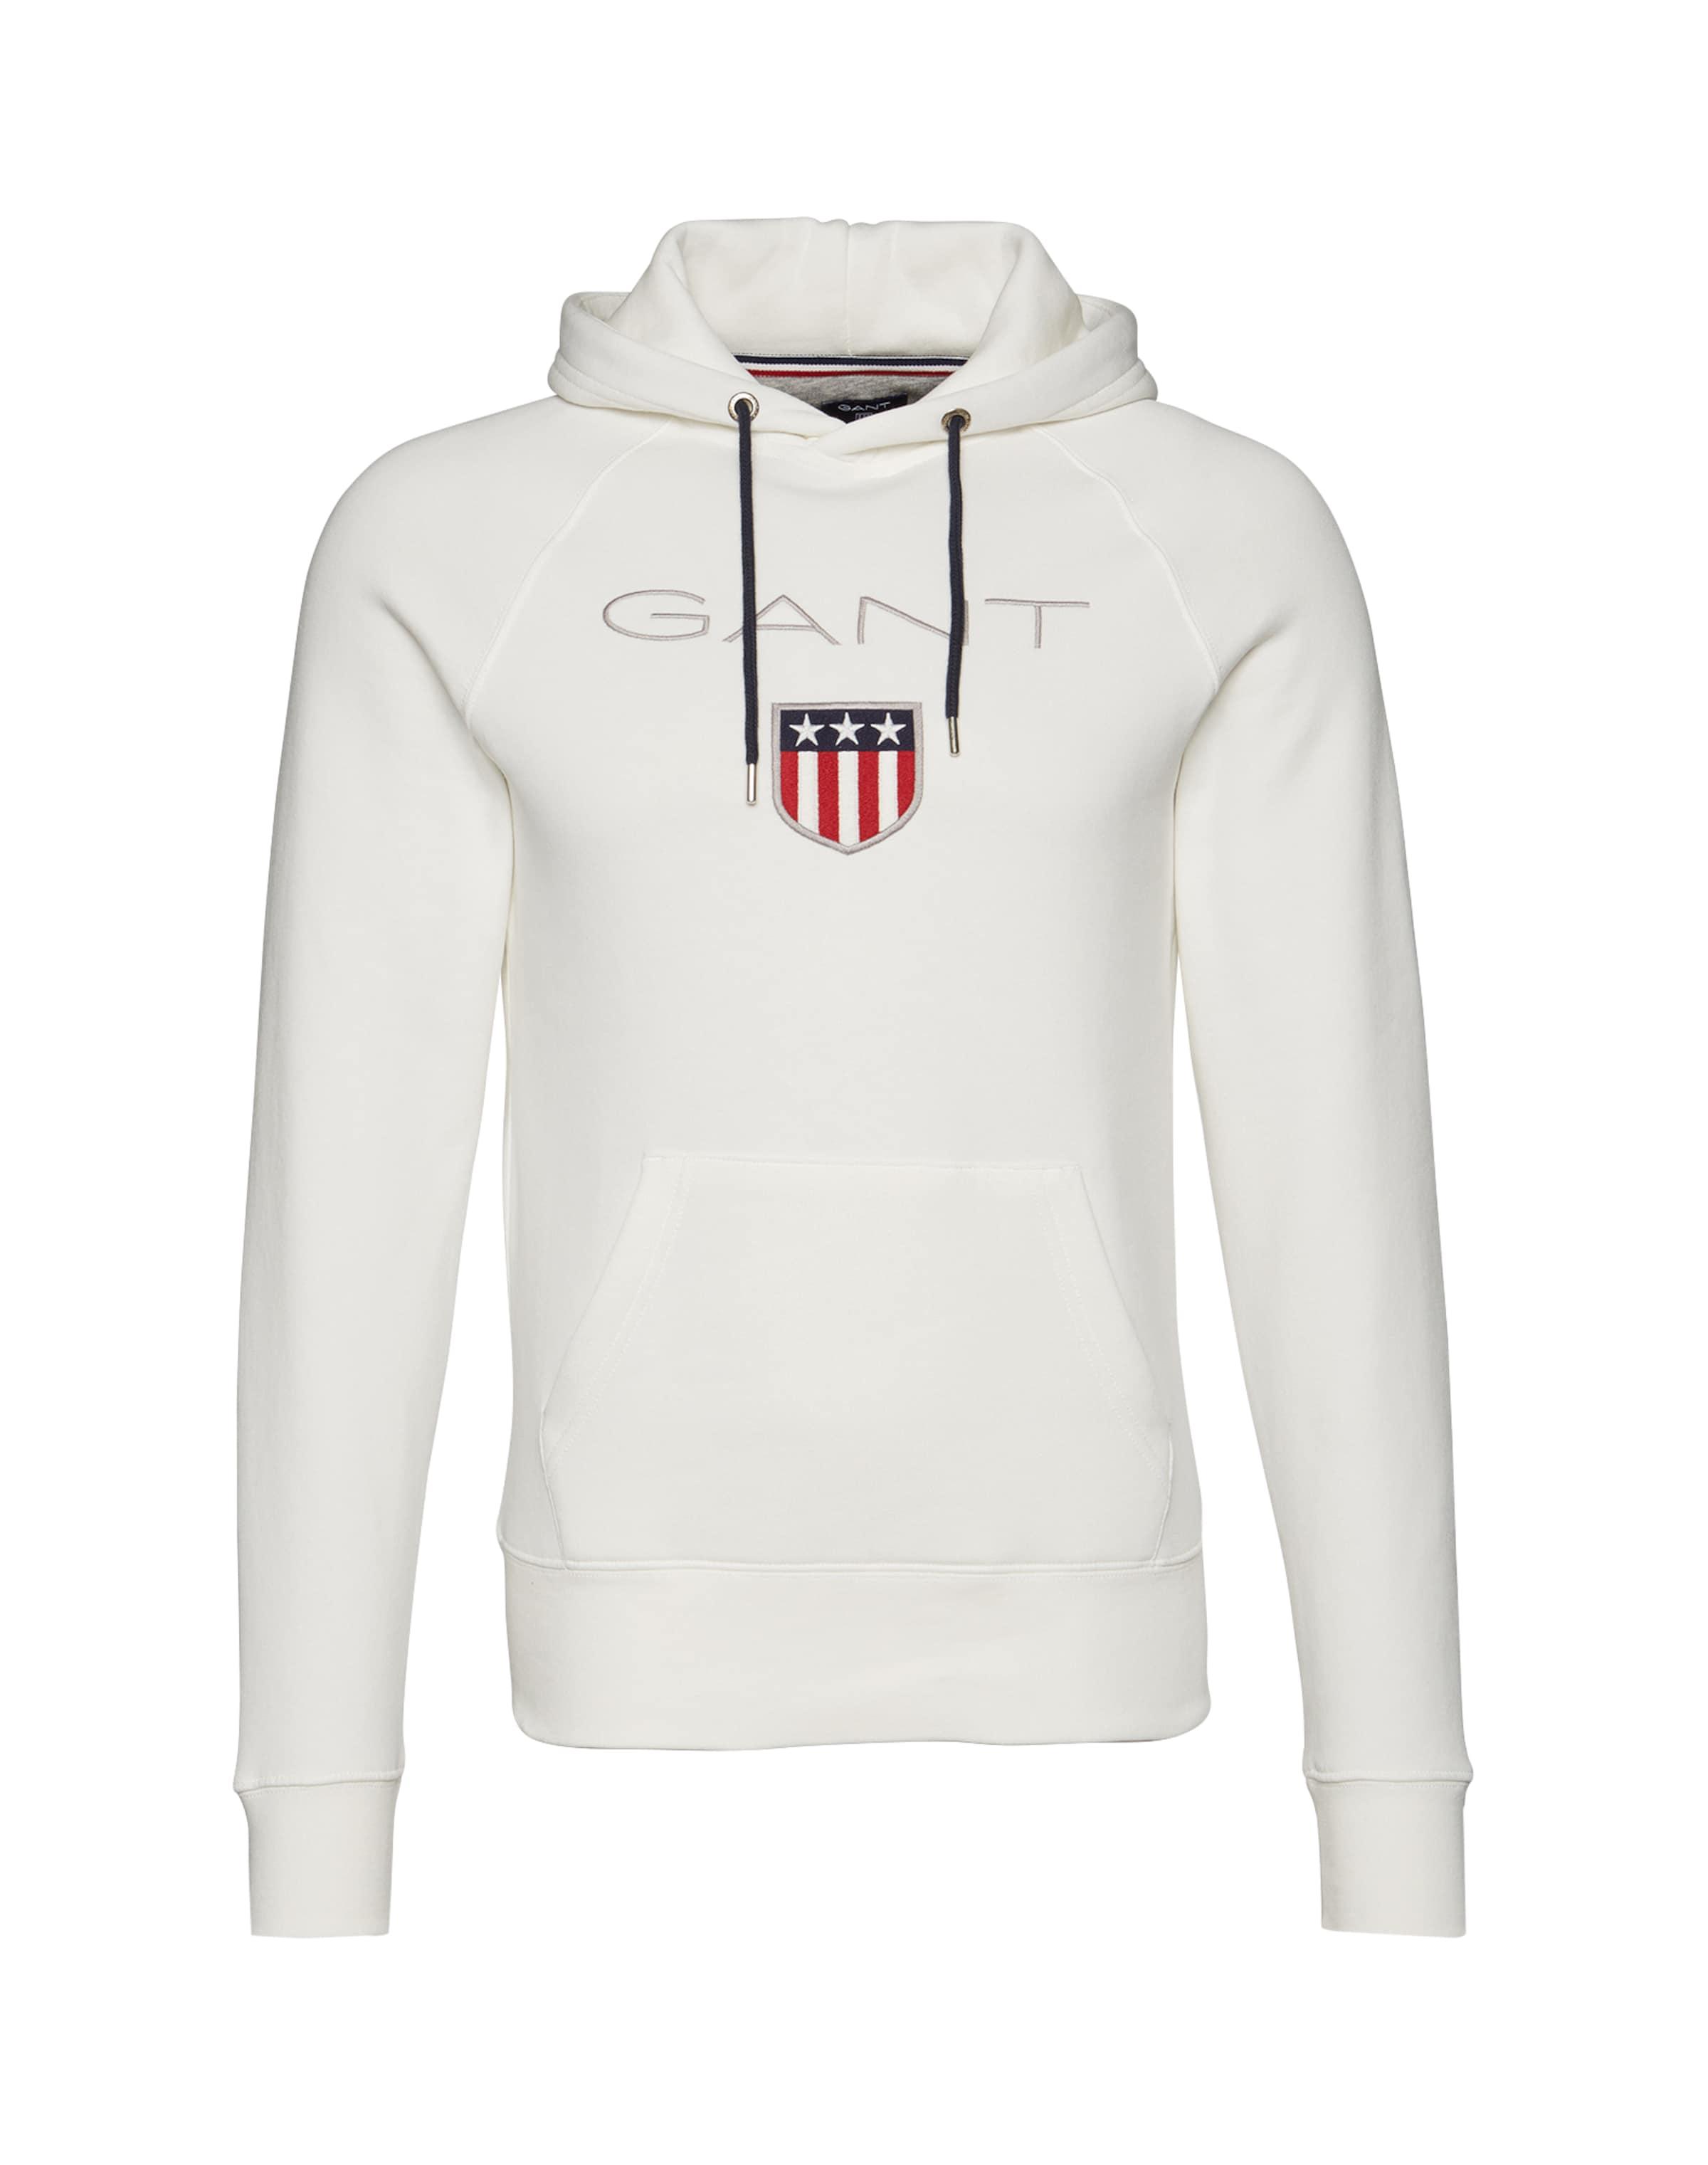 Neueste GANT Kapuzen-Sweatshirt Offizielle Online JJc131sfi